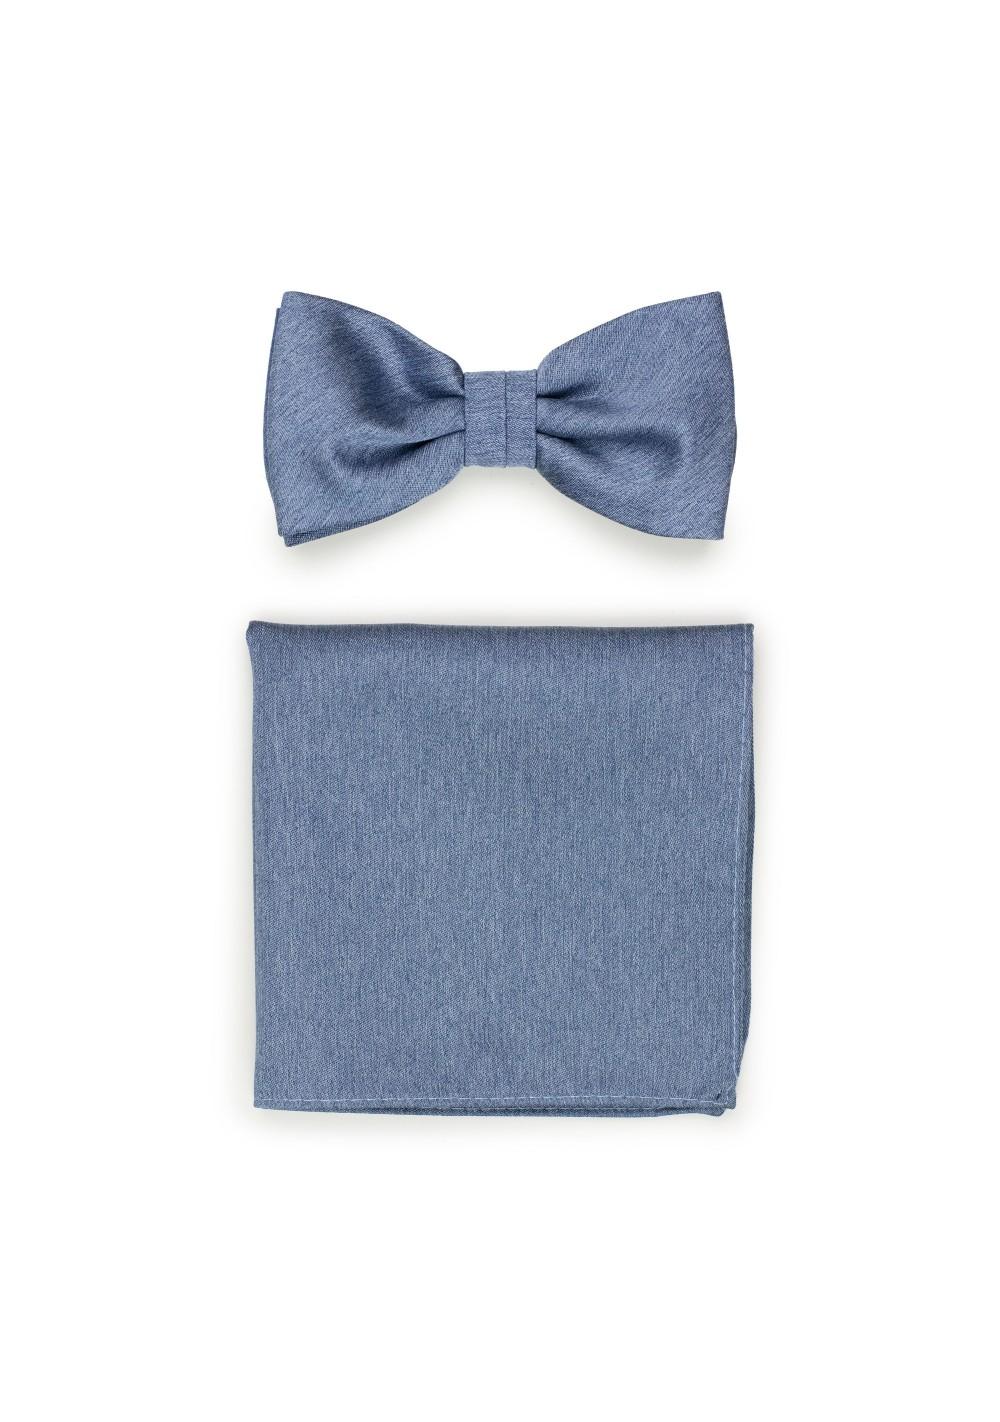 Steel Blue Bow Tie Set